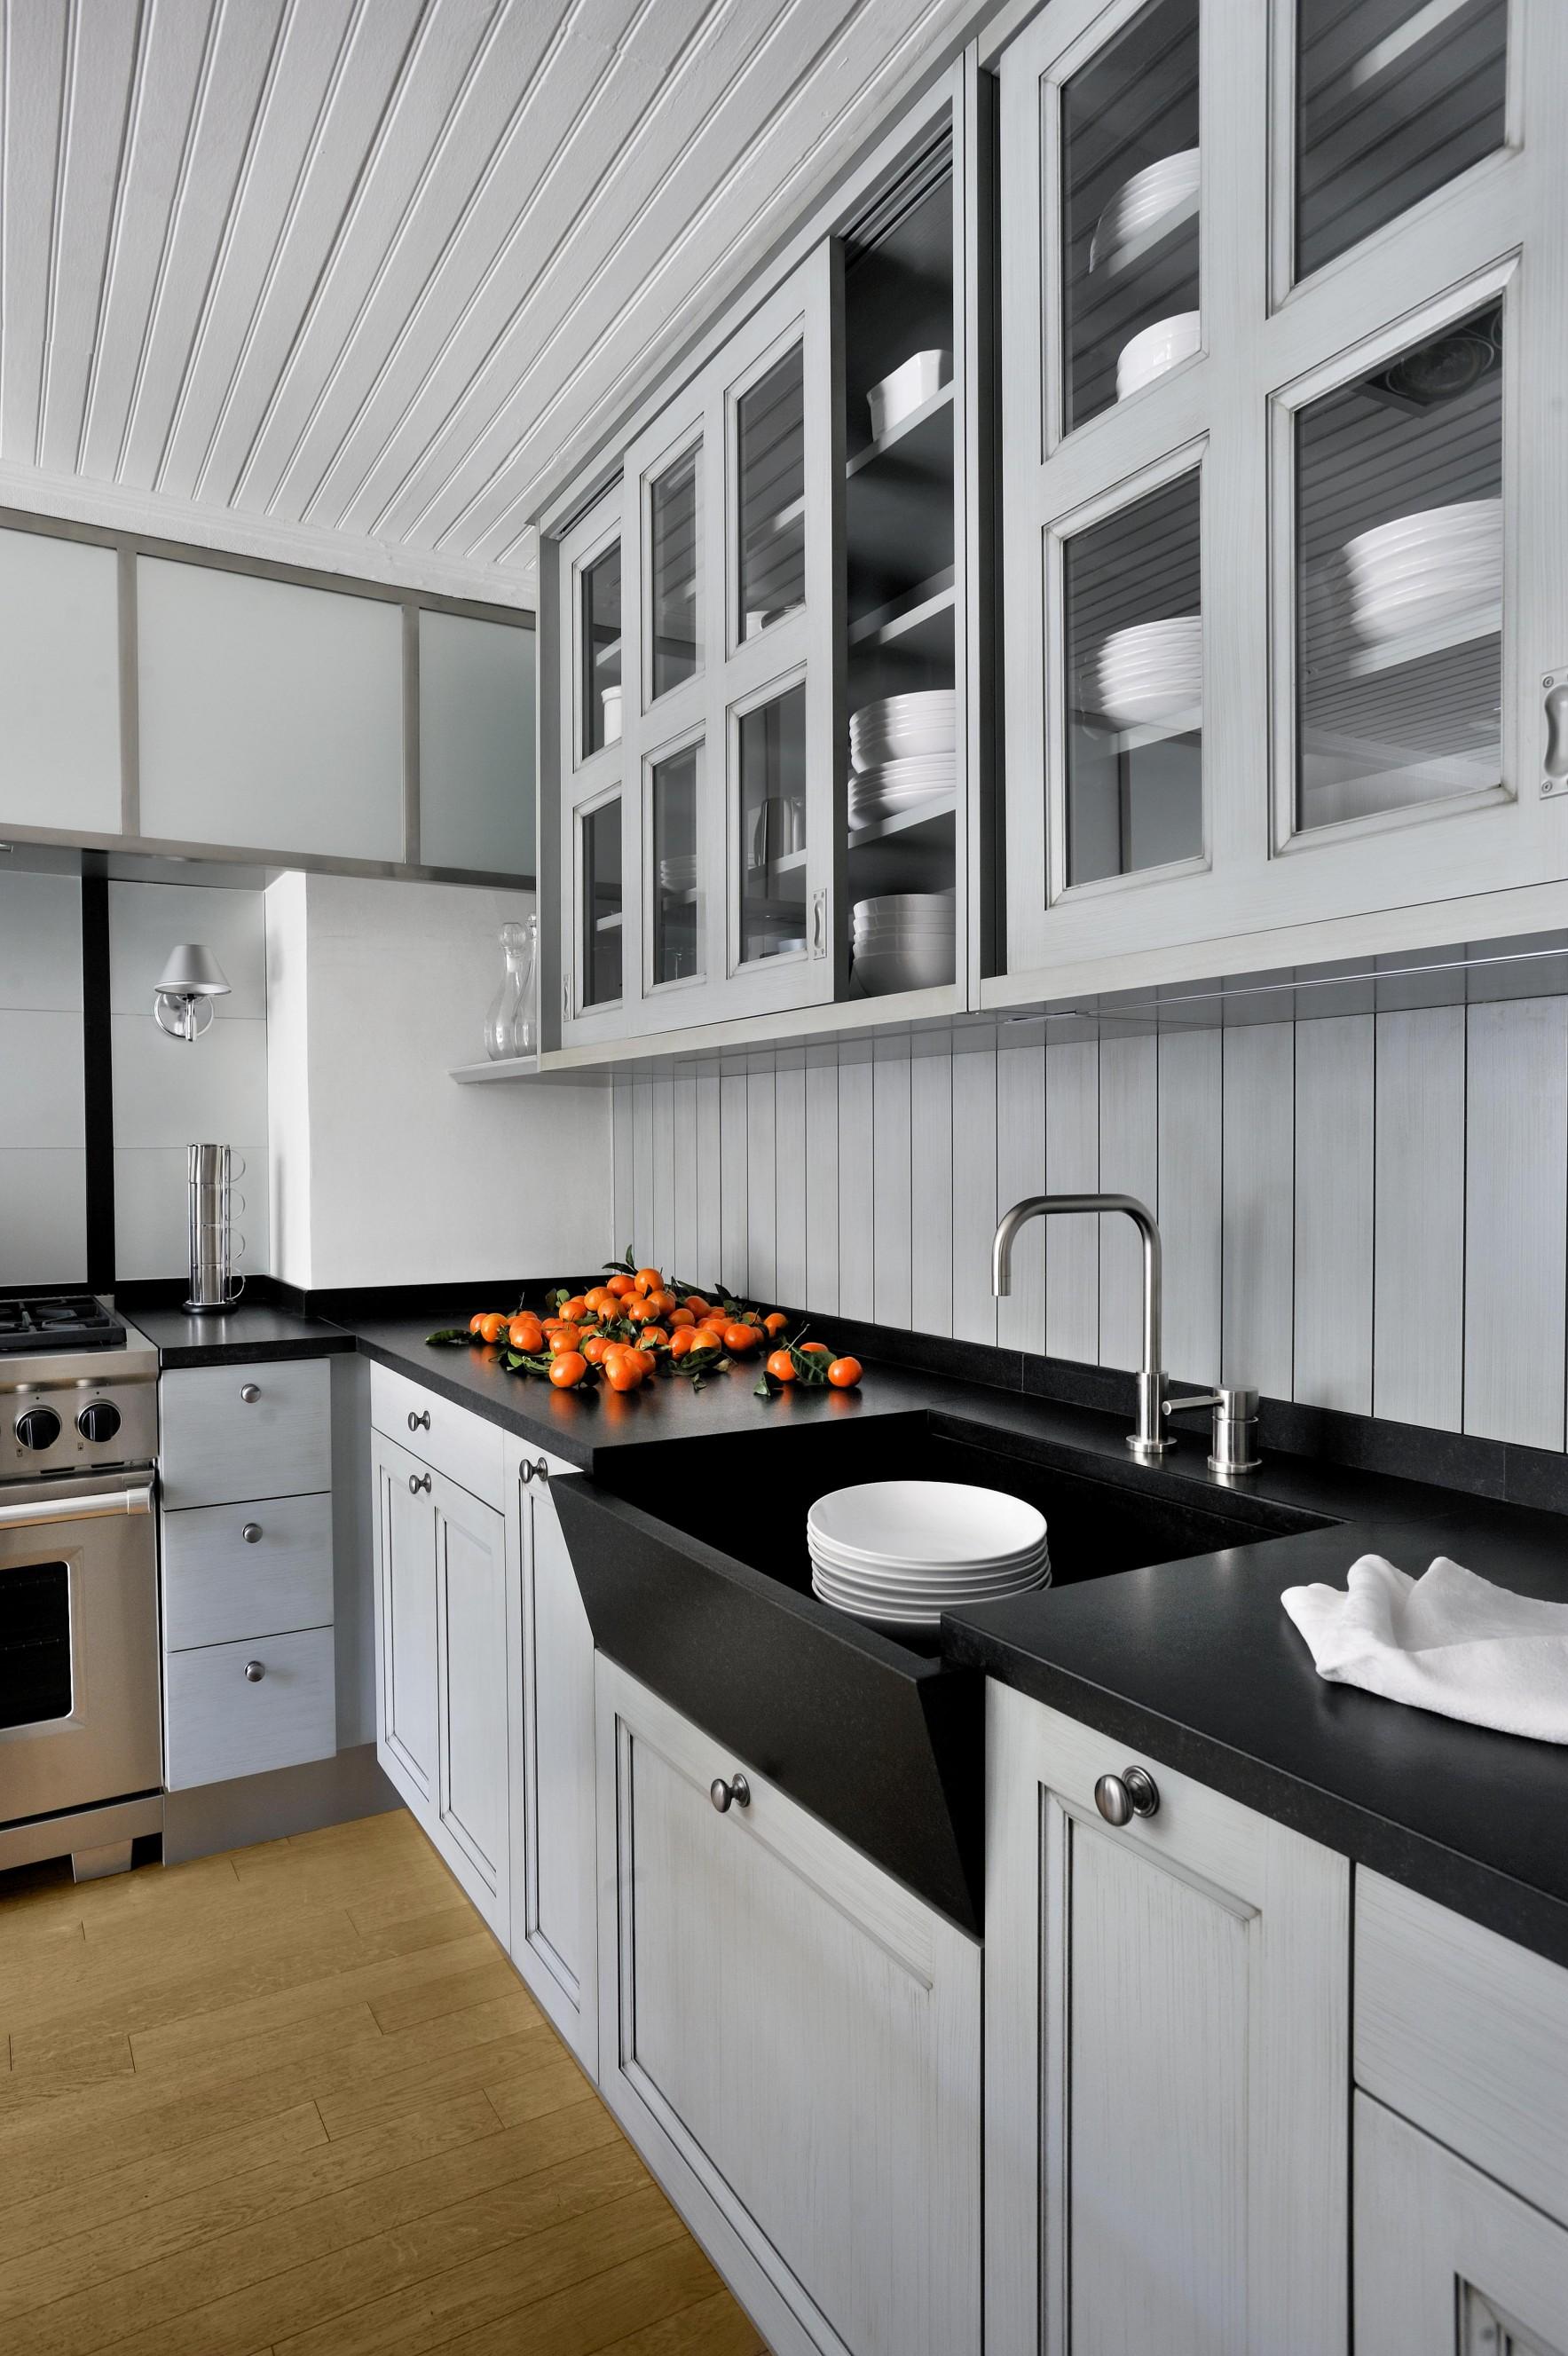 Simplicit et l gance pour une cuisine classique emprunte d 39 un grand dynamisme atelier de - Grand classique cuisine francaise ...